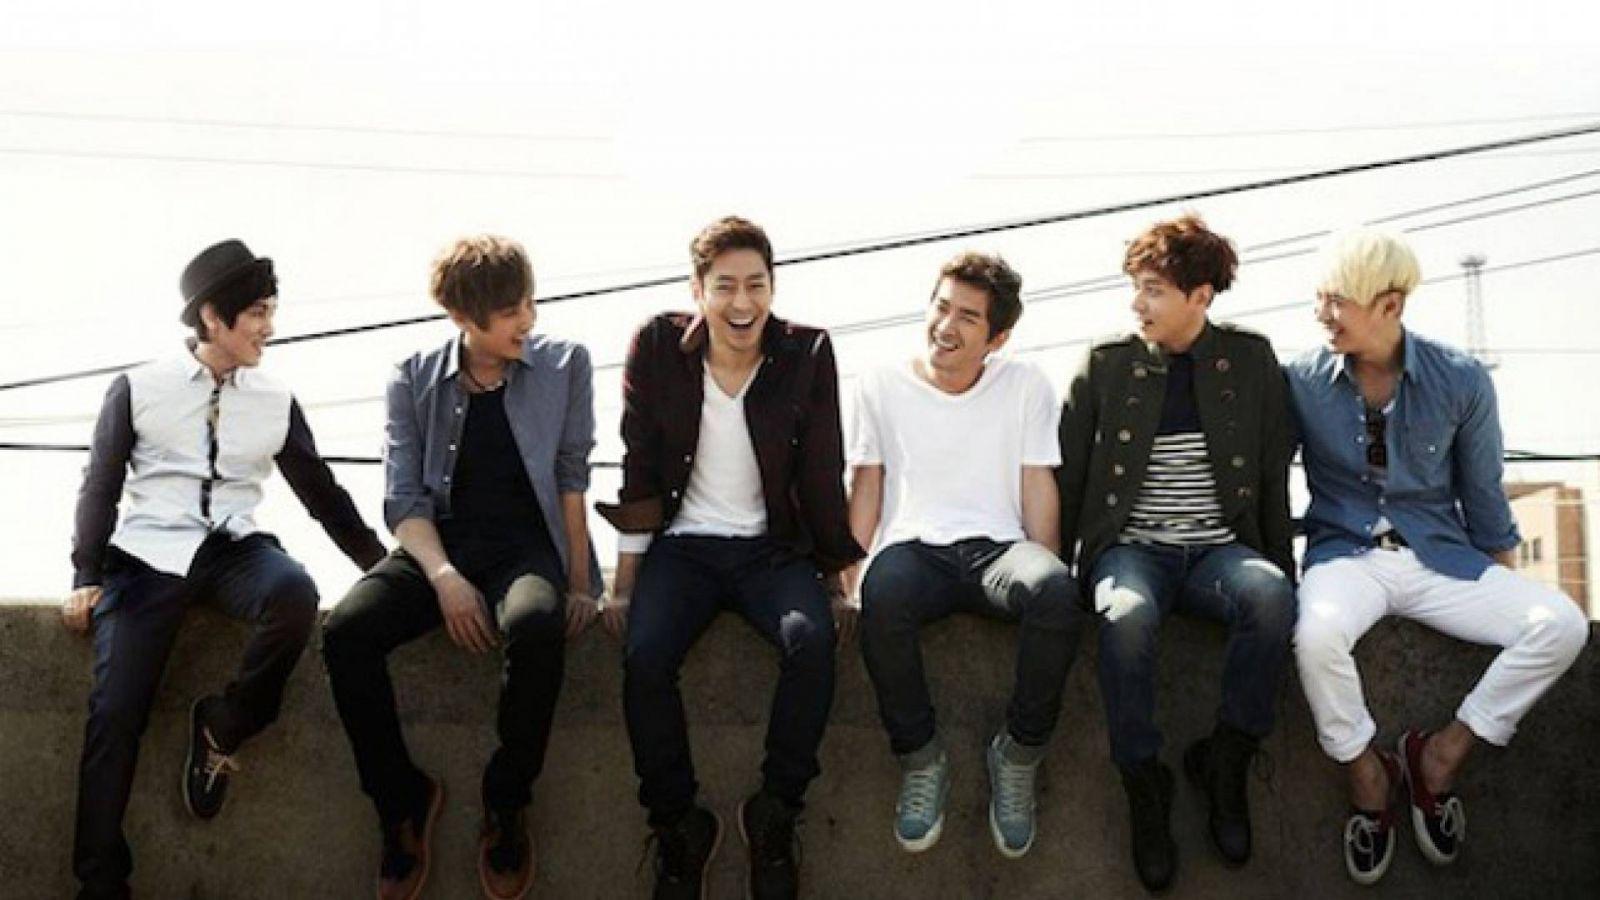 Novo álbum do Shinhwa © Shinhwa Company